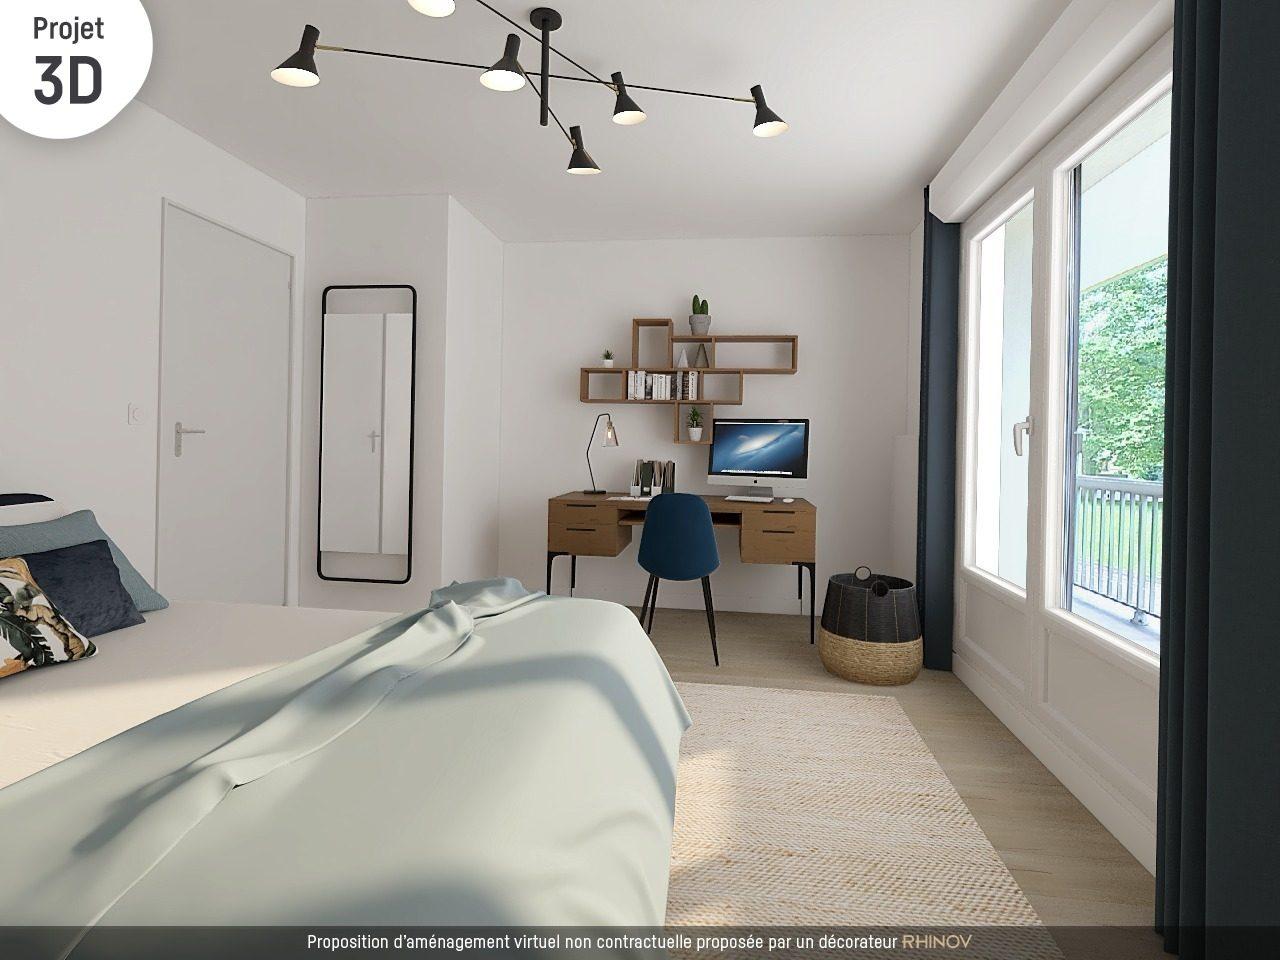 Appartement traversant 4 pièces 97,5m2 à Oberhausbergen - Devenez propriétaire en toute confiance - Bintz Immobilier - 5